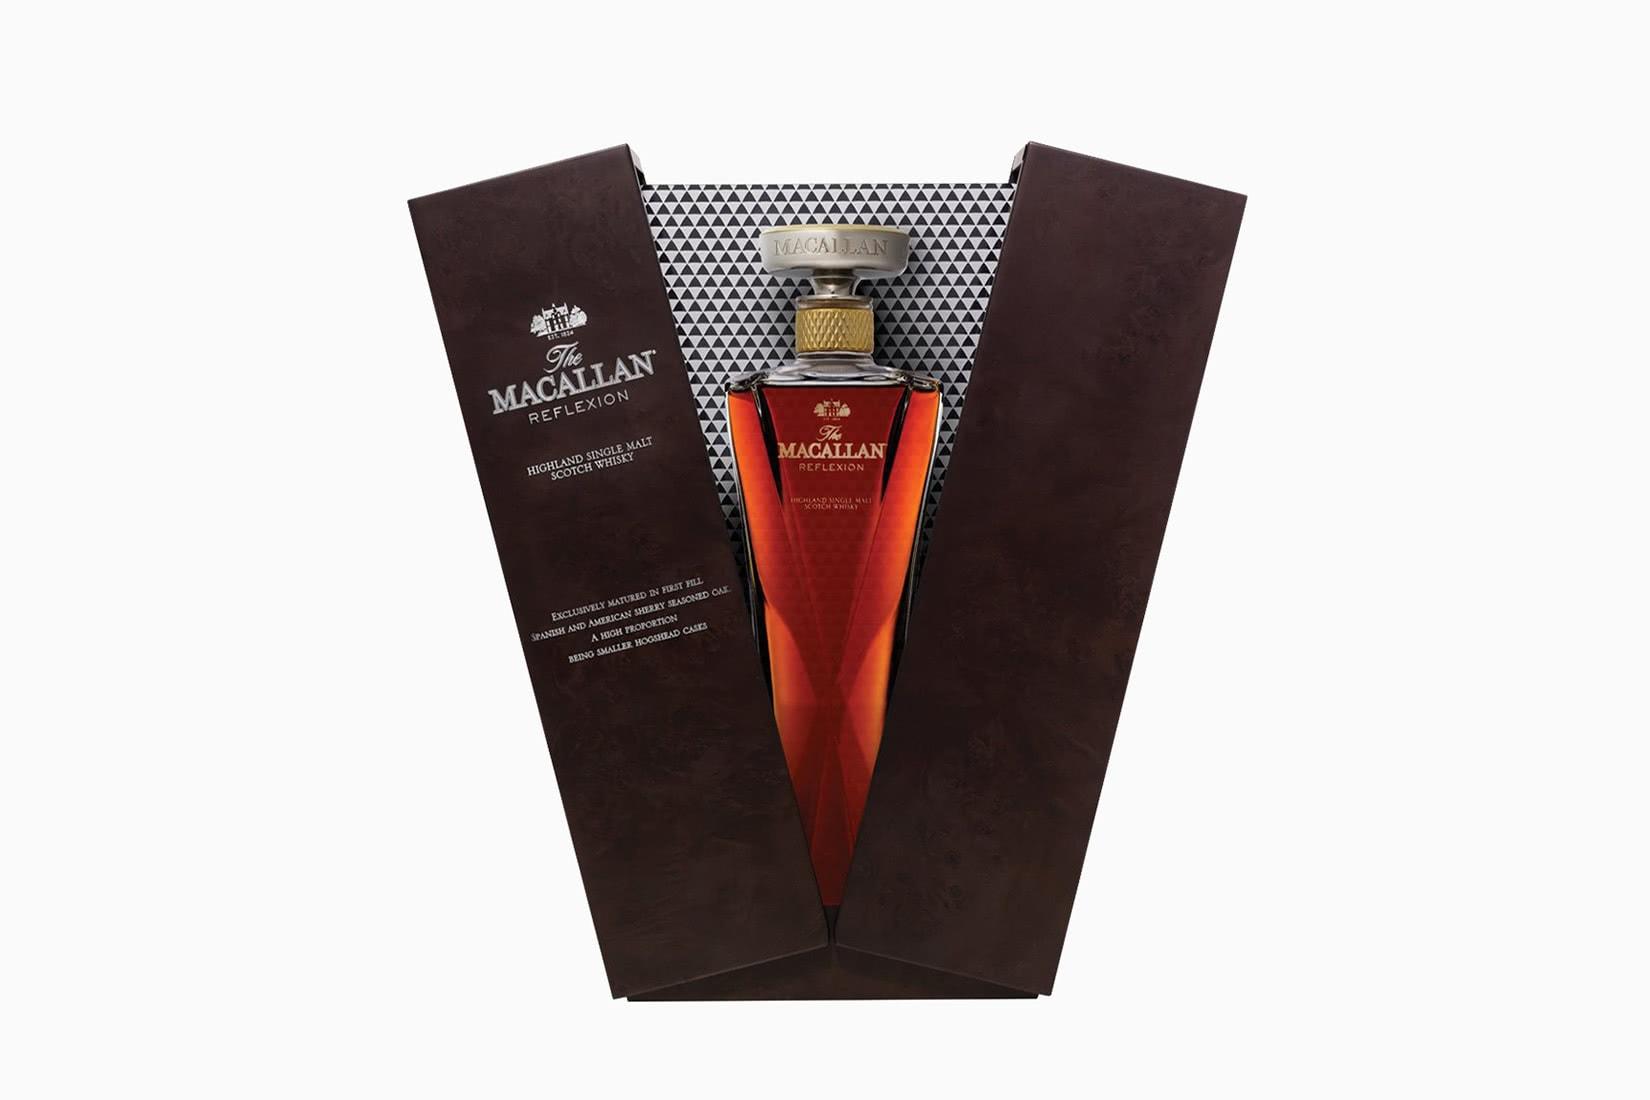 macallan scotch whisky reflexion botella precio tamaño - Luxe Digital